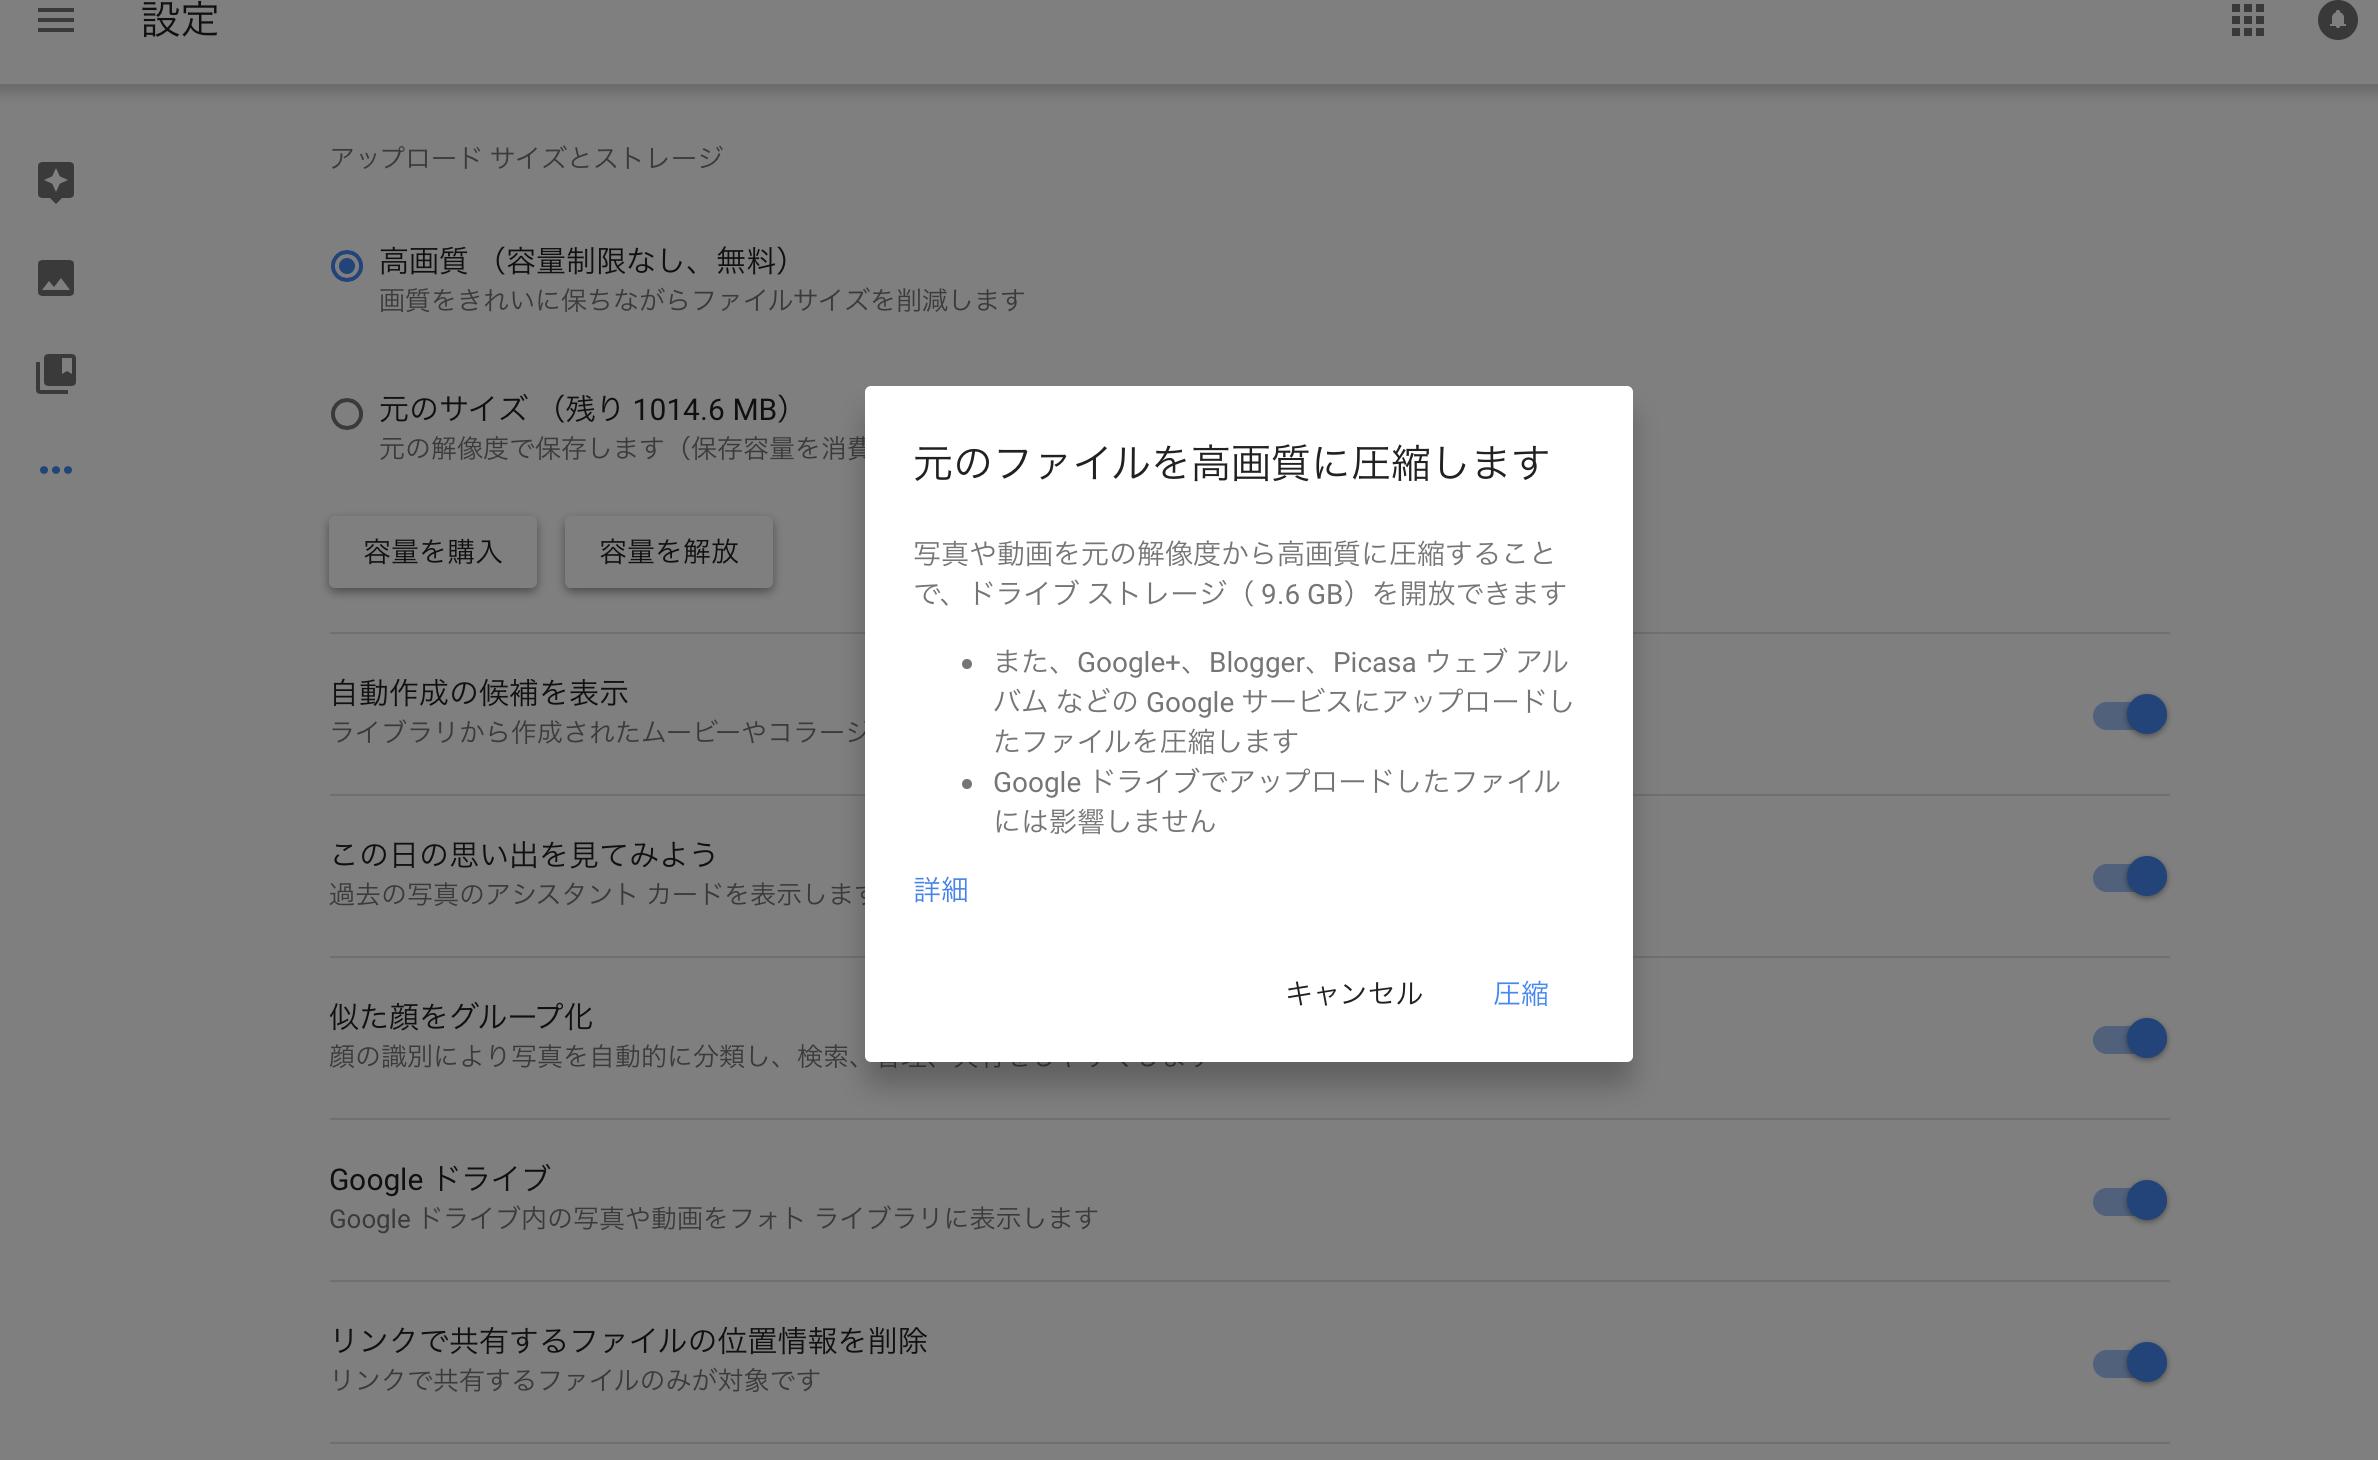 スクリーンショット 2015-12-04 20.14.06